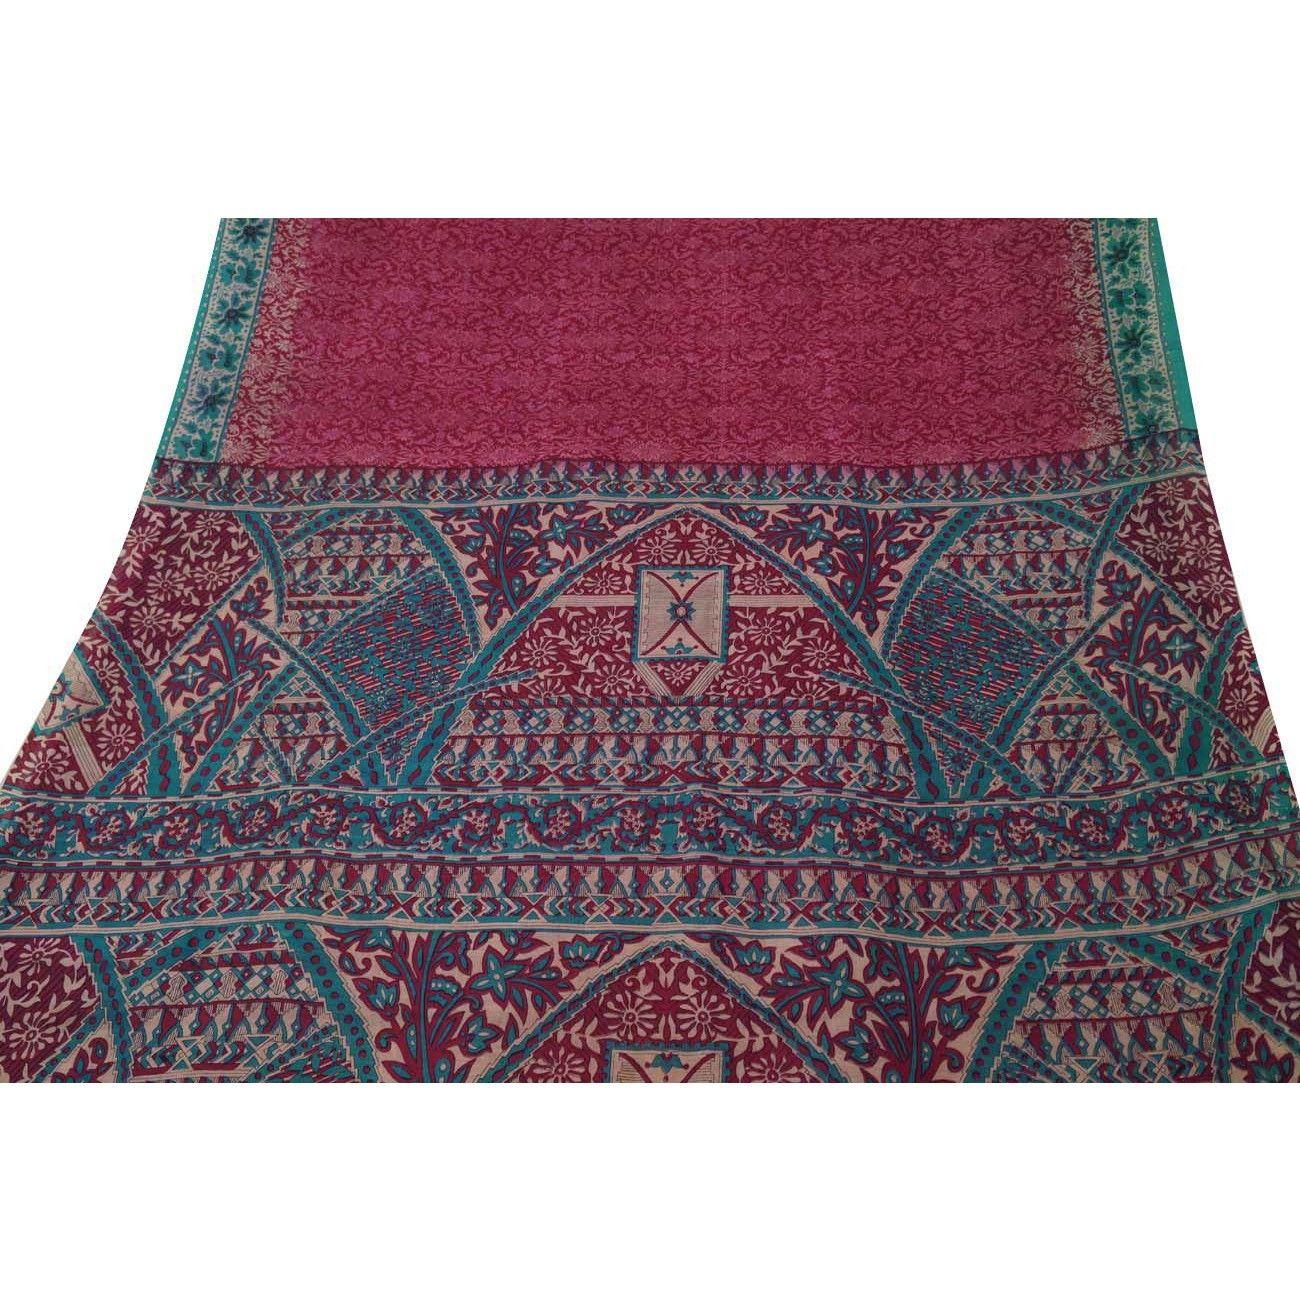 Indian Vintage Craft Saree Pure Silk Printed Fabric Art Décor Floral Red Sari